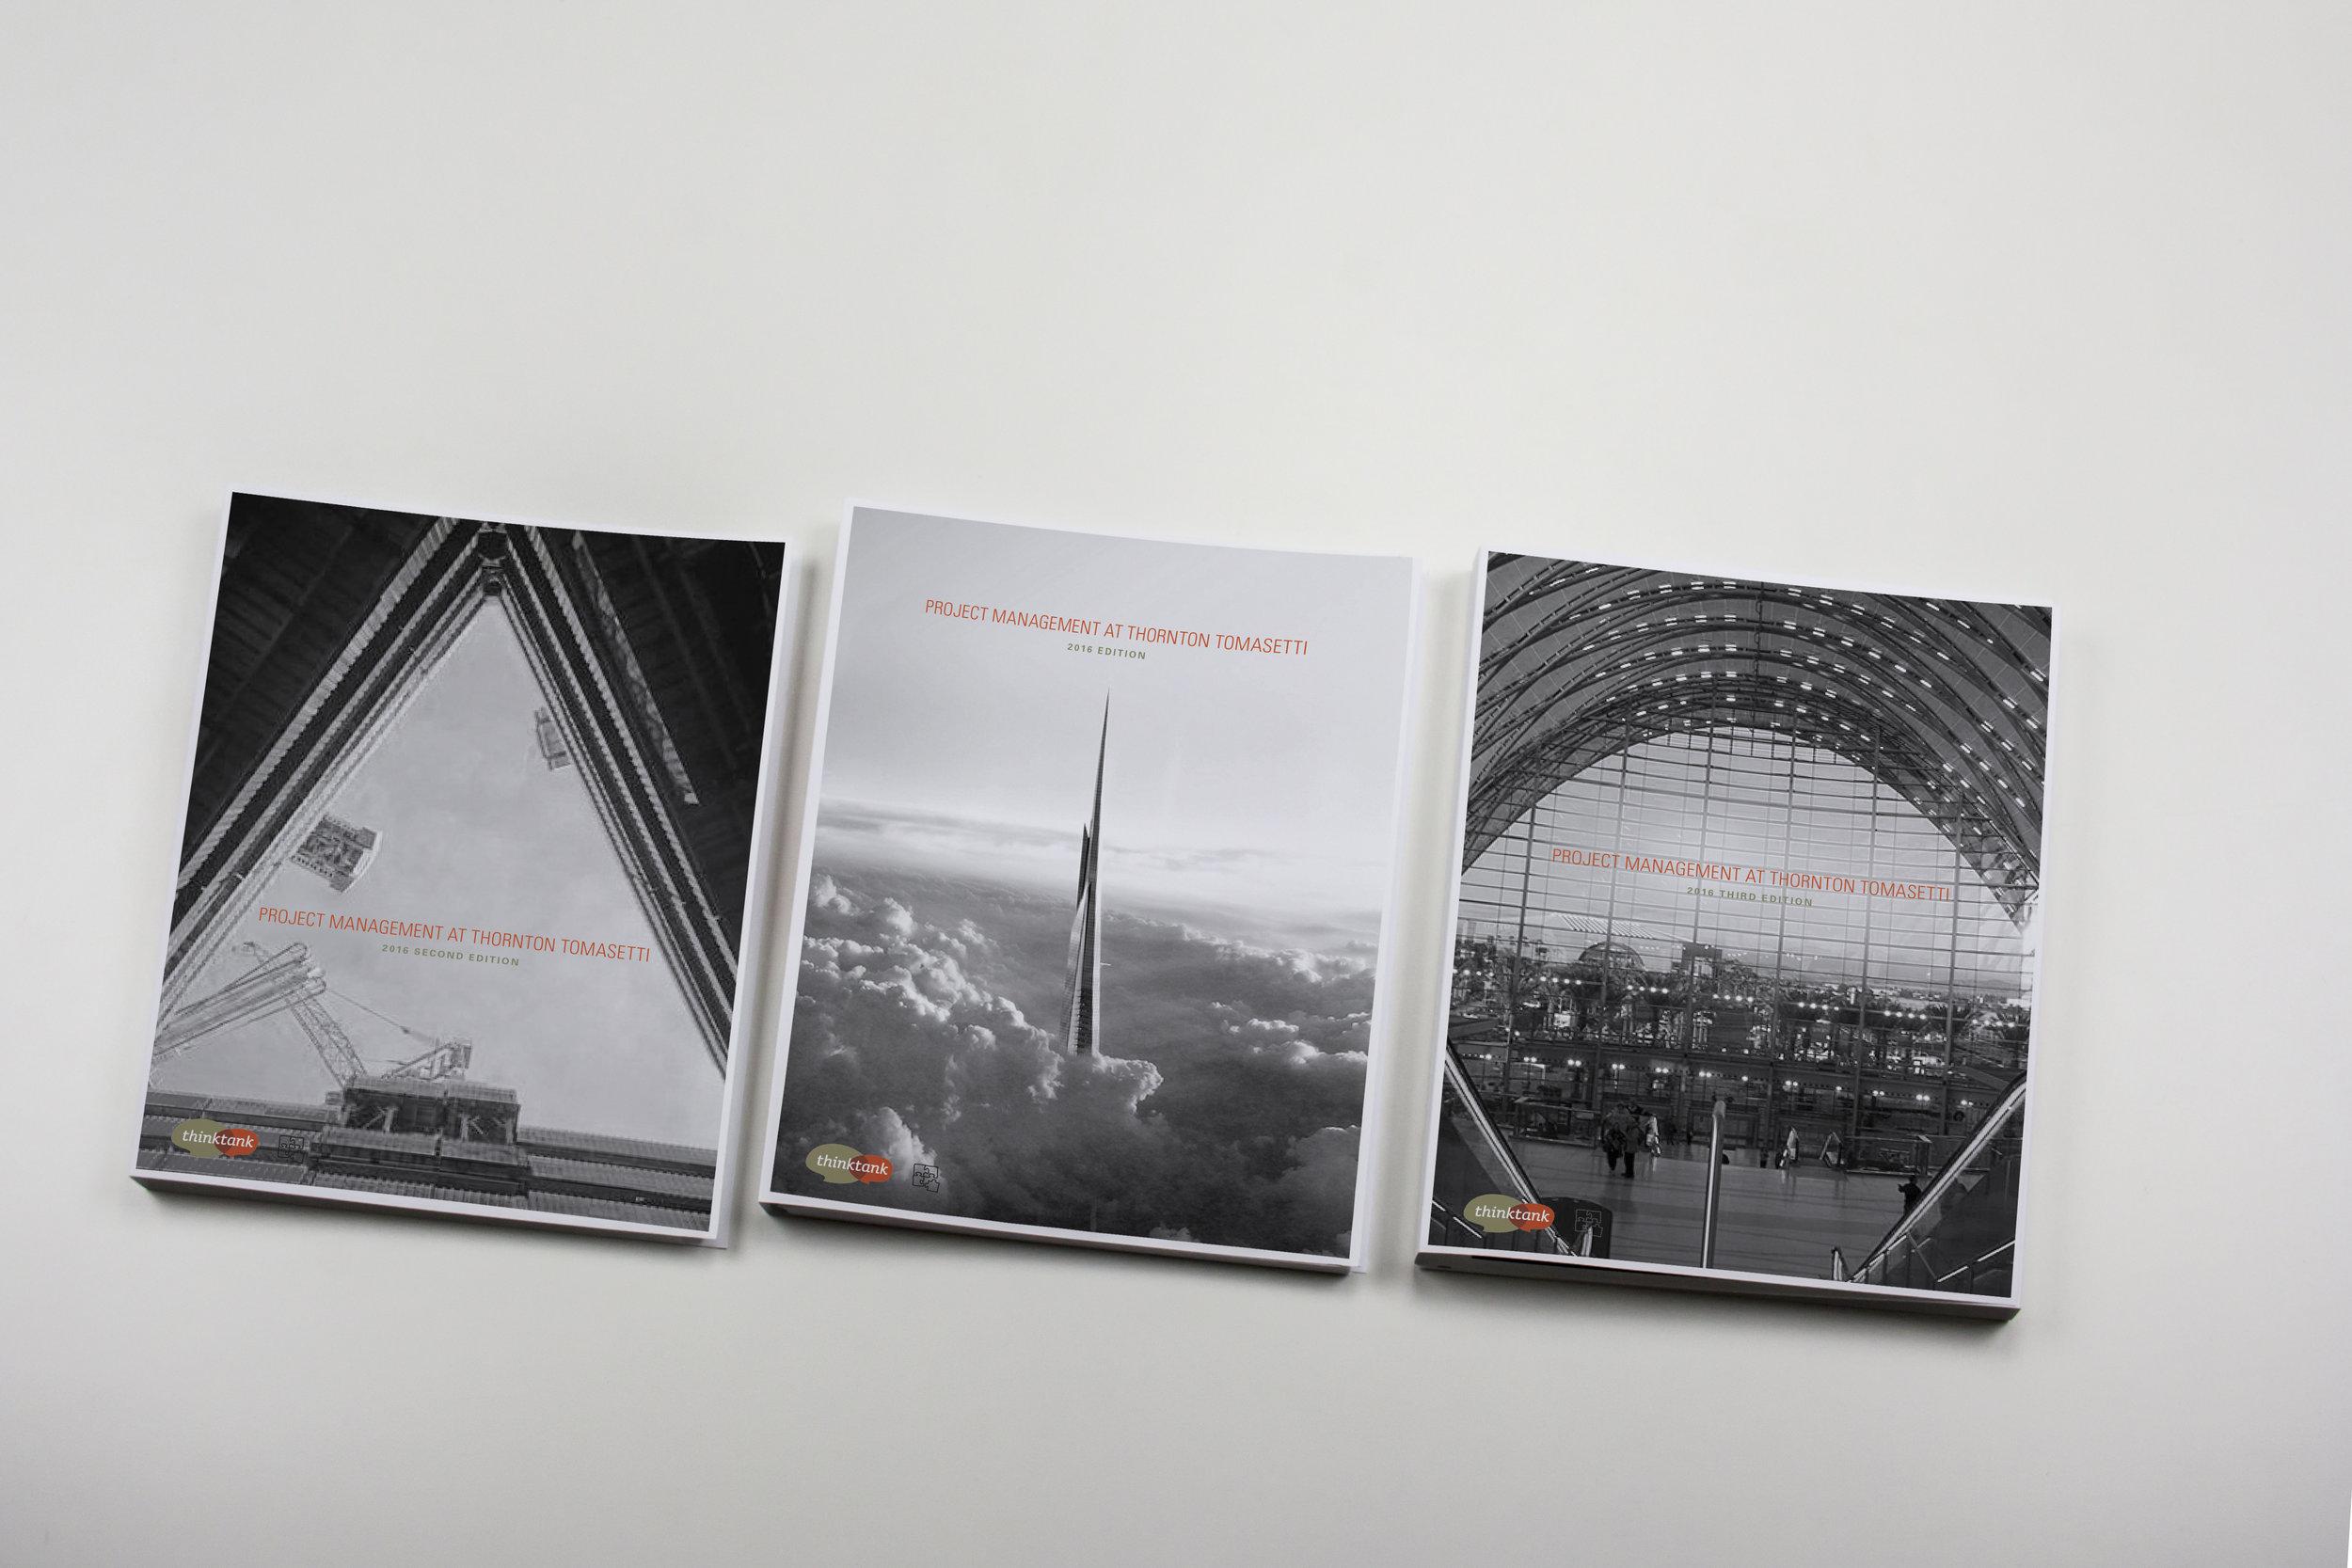 tt-manual-covers.jpg